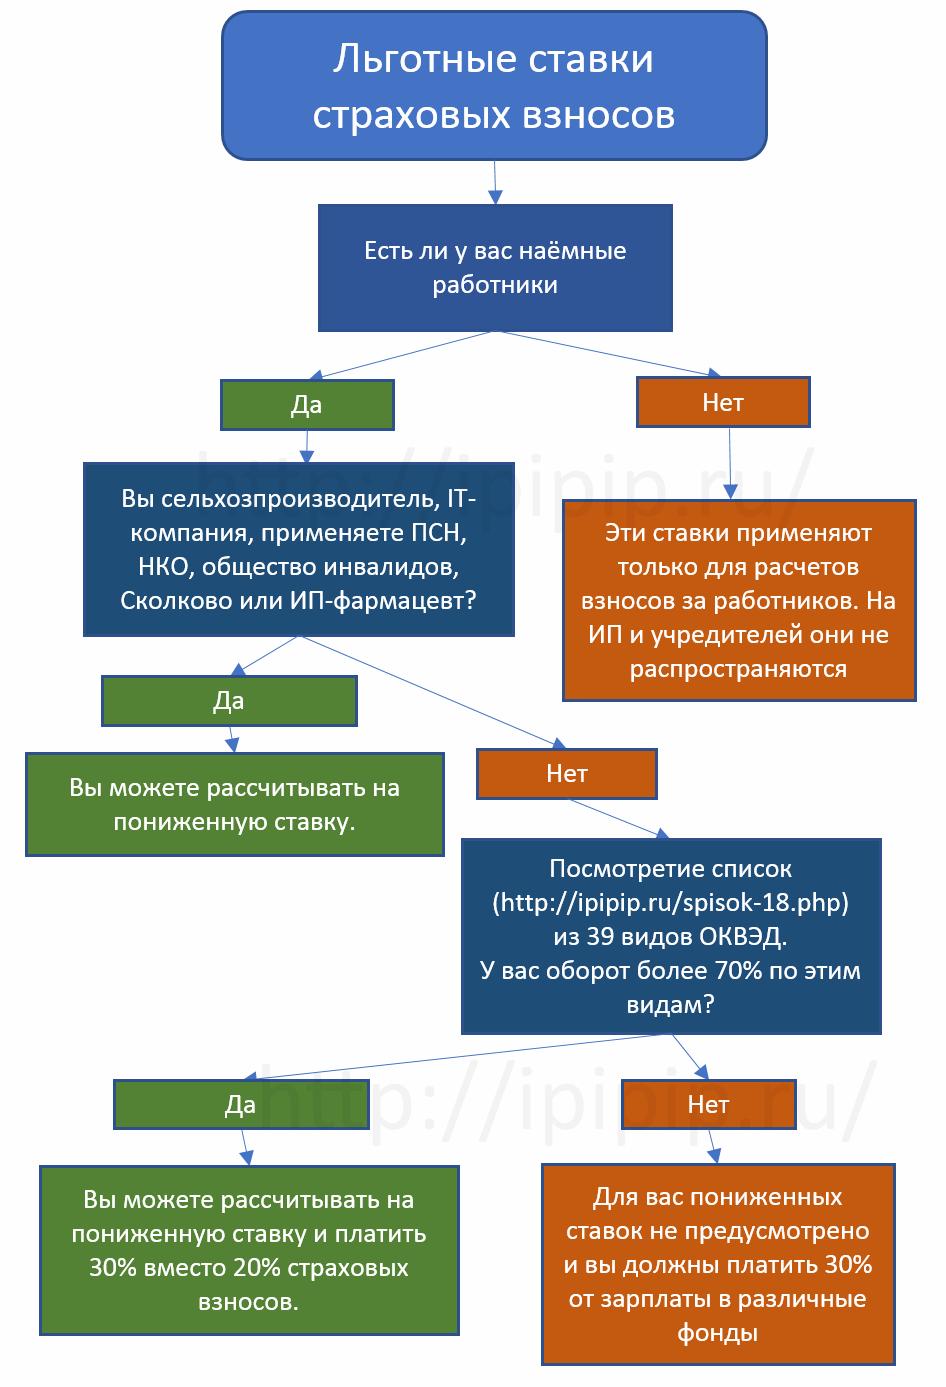 Калькулятор расчет зарплаты, взносов и больничных 2017-2018